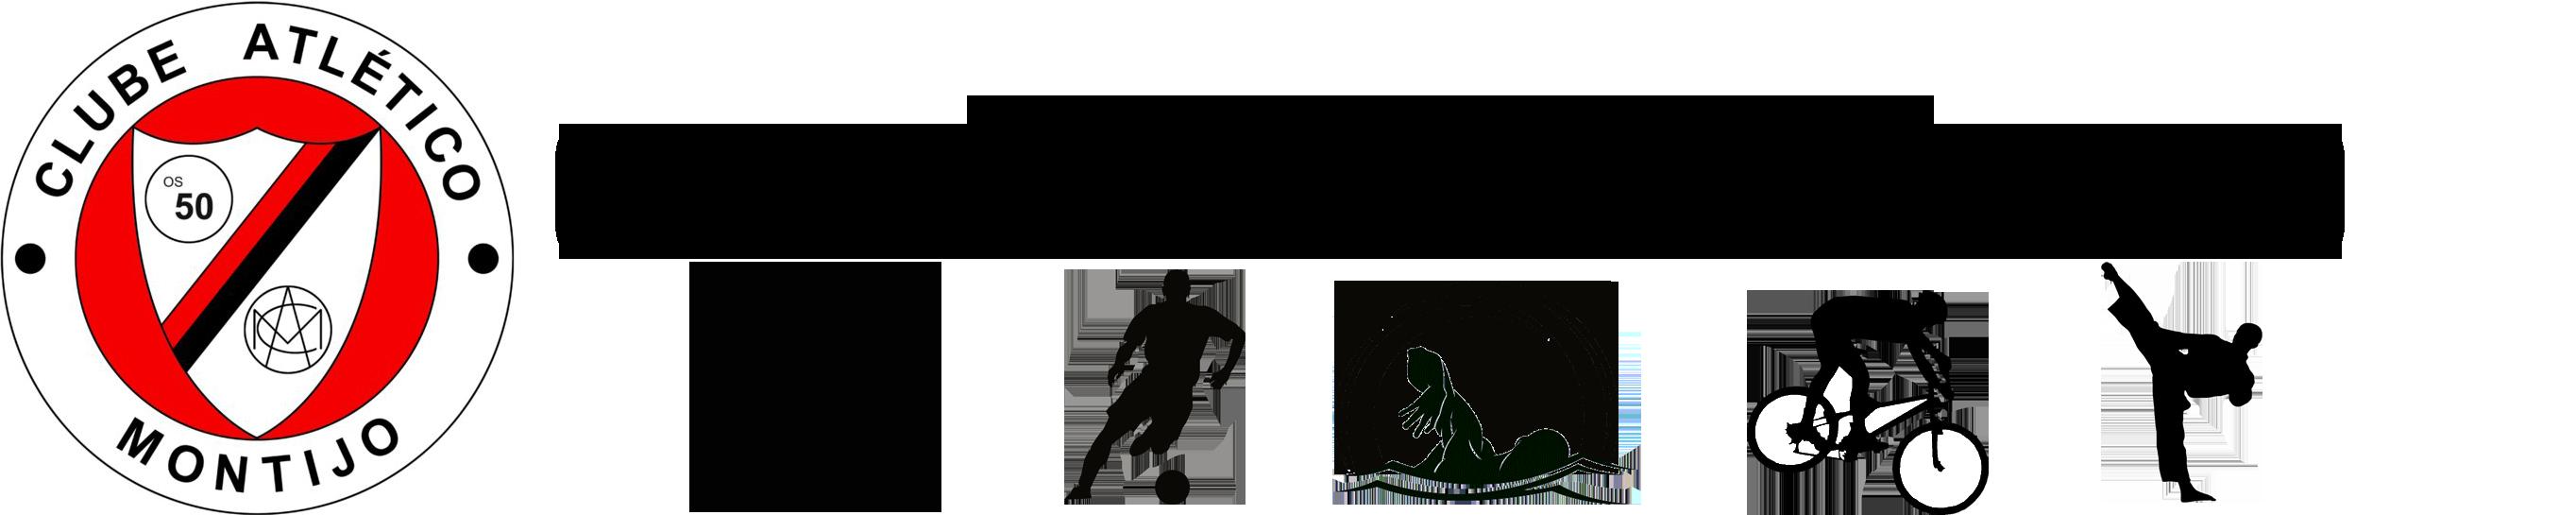 Clube Atlético do Montijo Logo